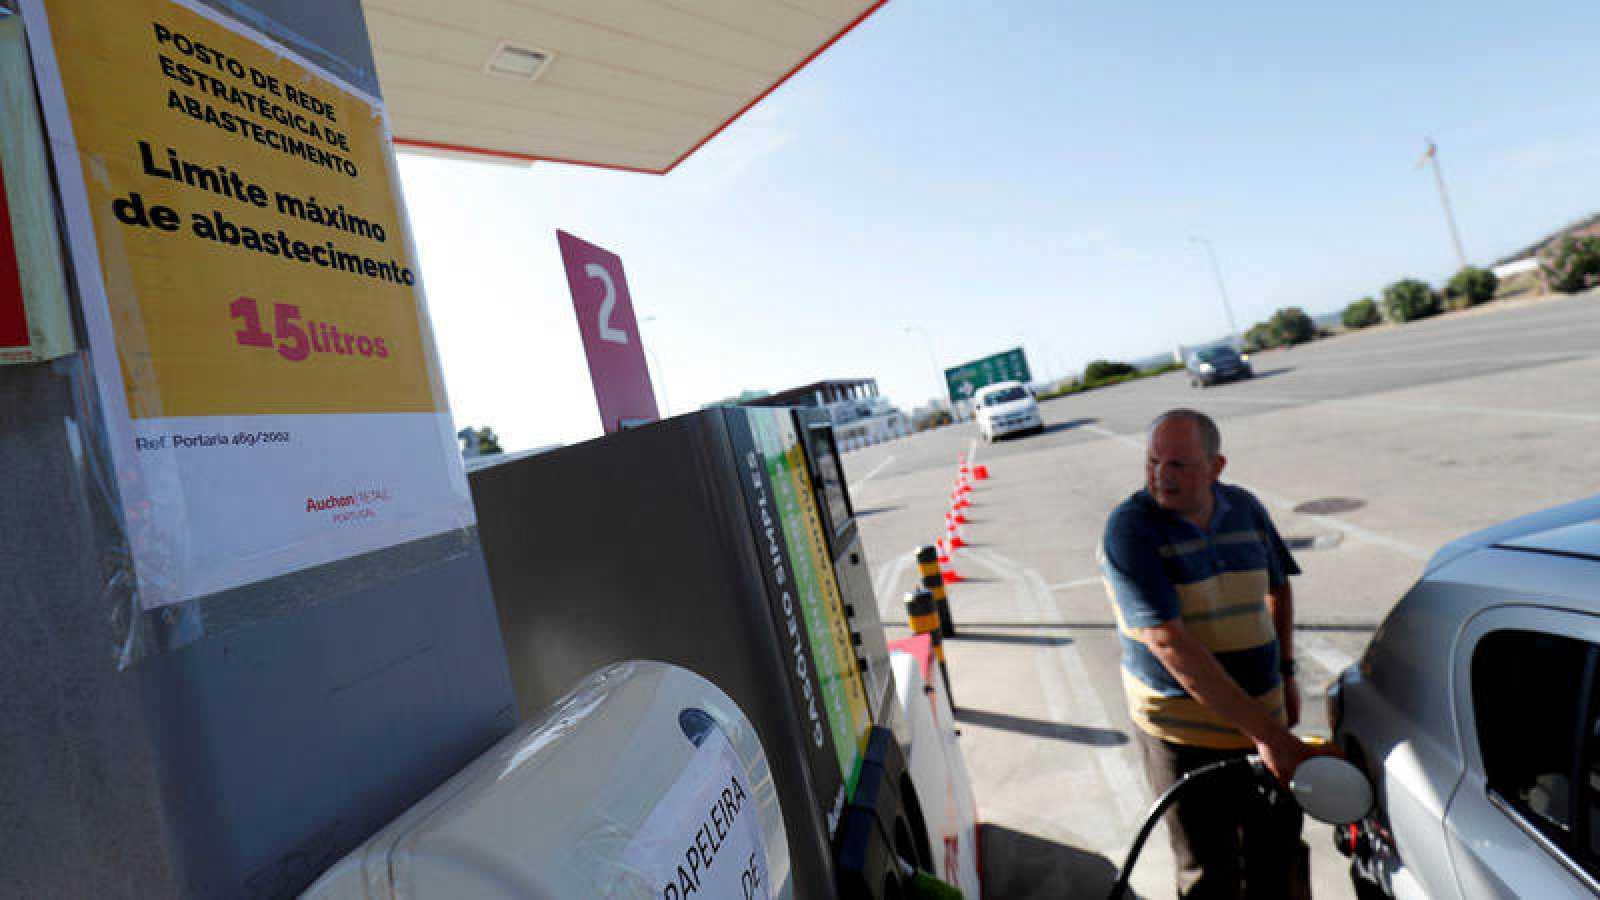 Un hombre reposta combustible en una gasolinera en Lisboa